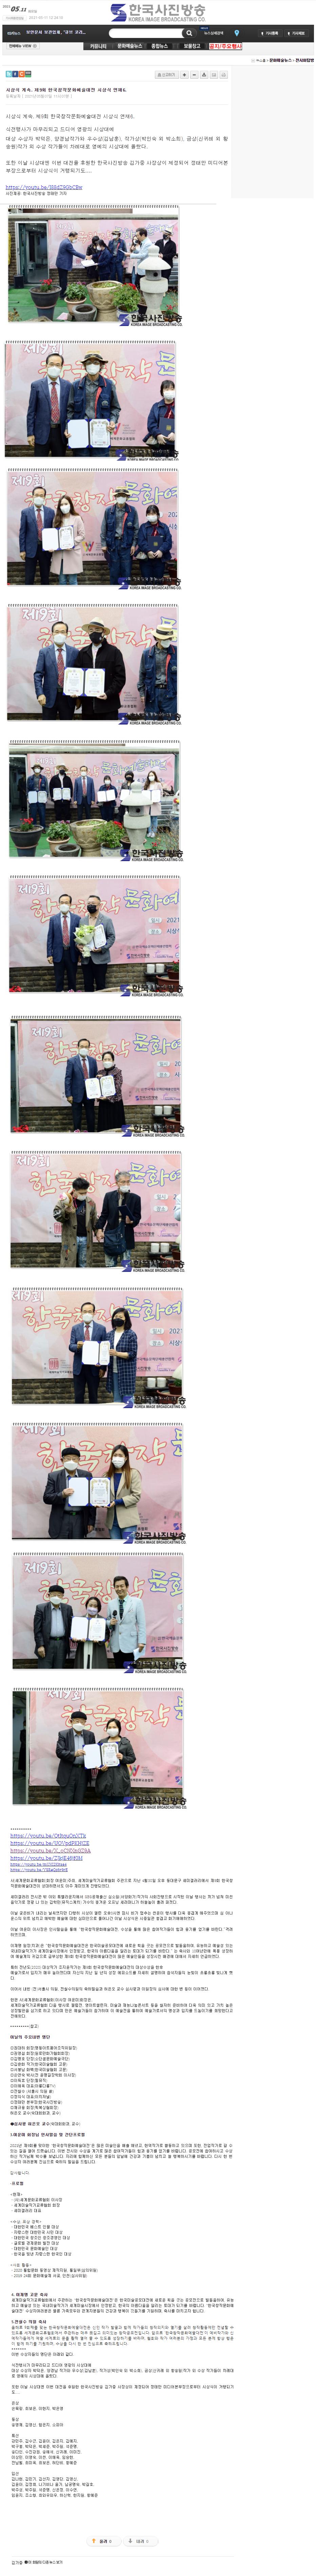 3_한국사진방송_제9회한국창작문화예술대전.png